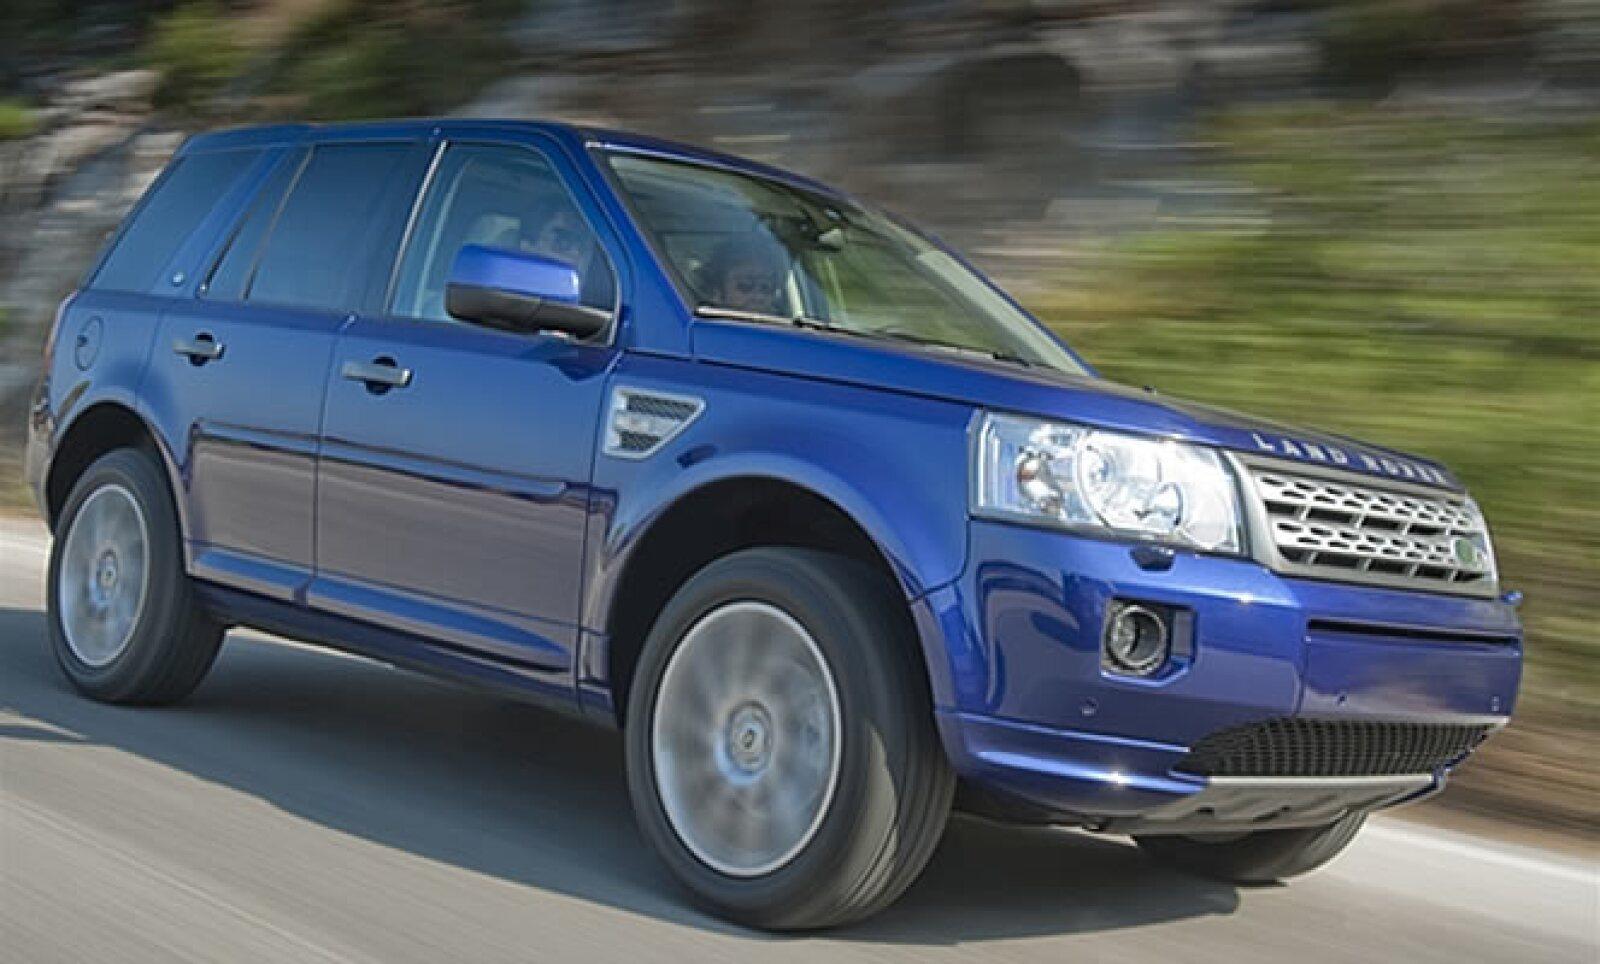 El SUV inglés no sólo afina sus líneas exteriores sino que también incorpora nuevas motorizaciones y cambios en su interior.